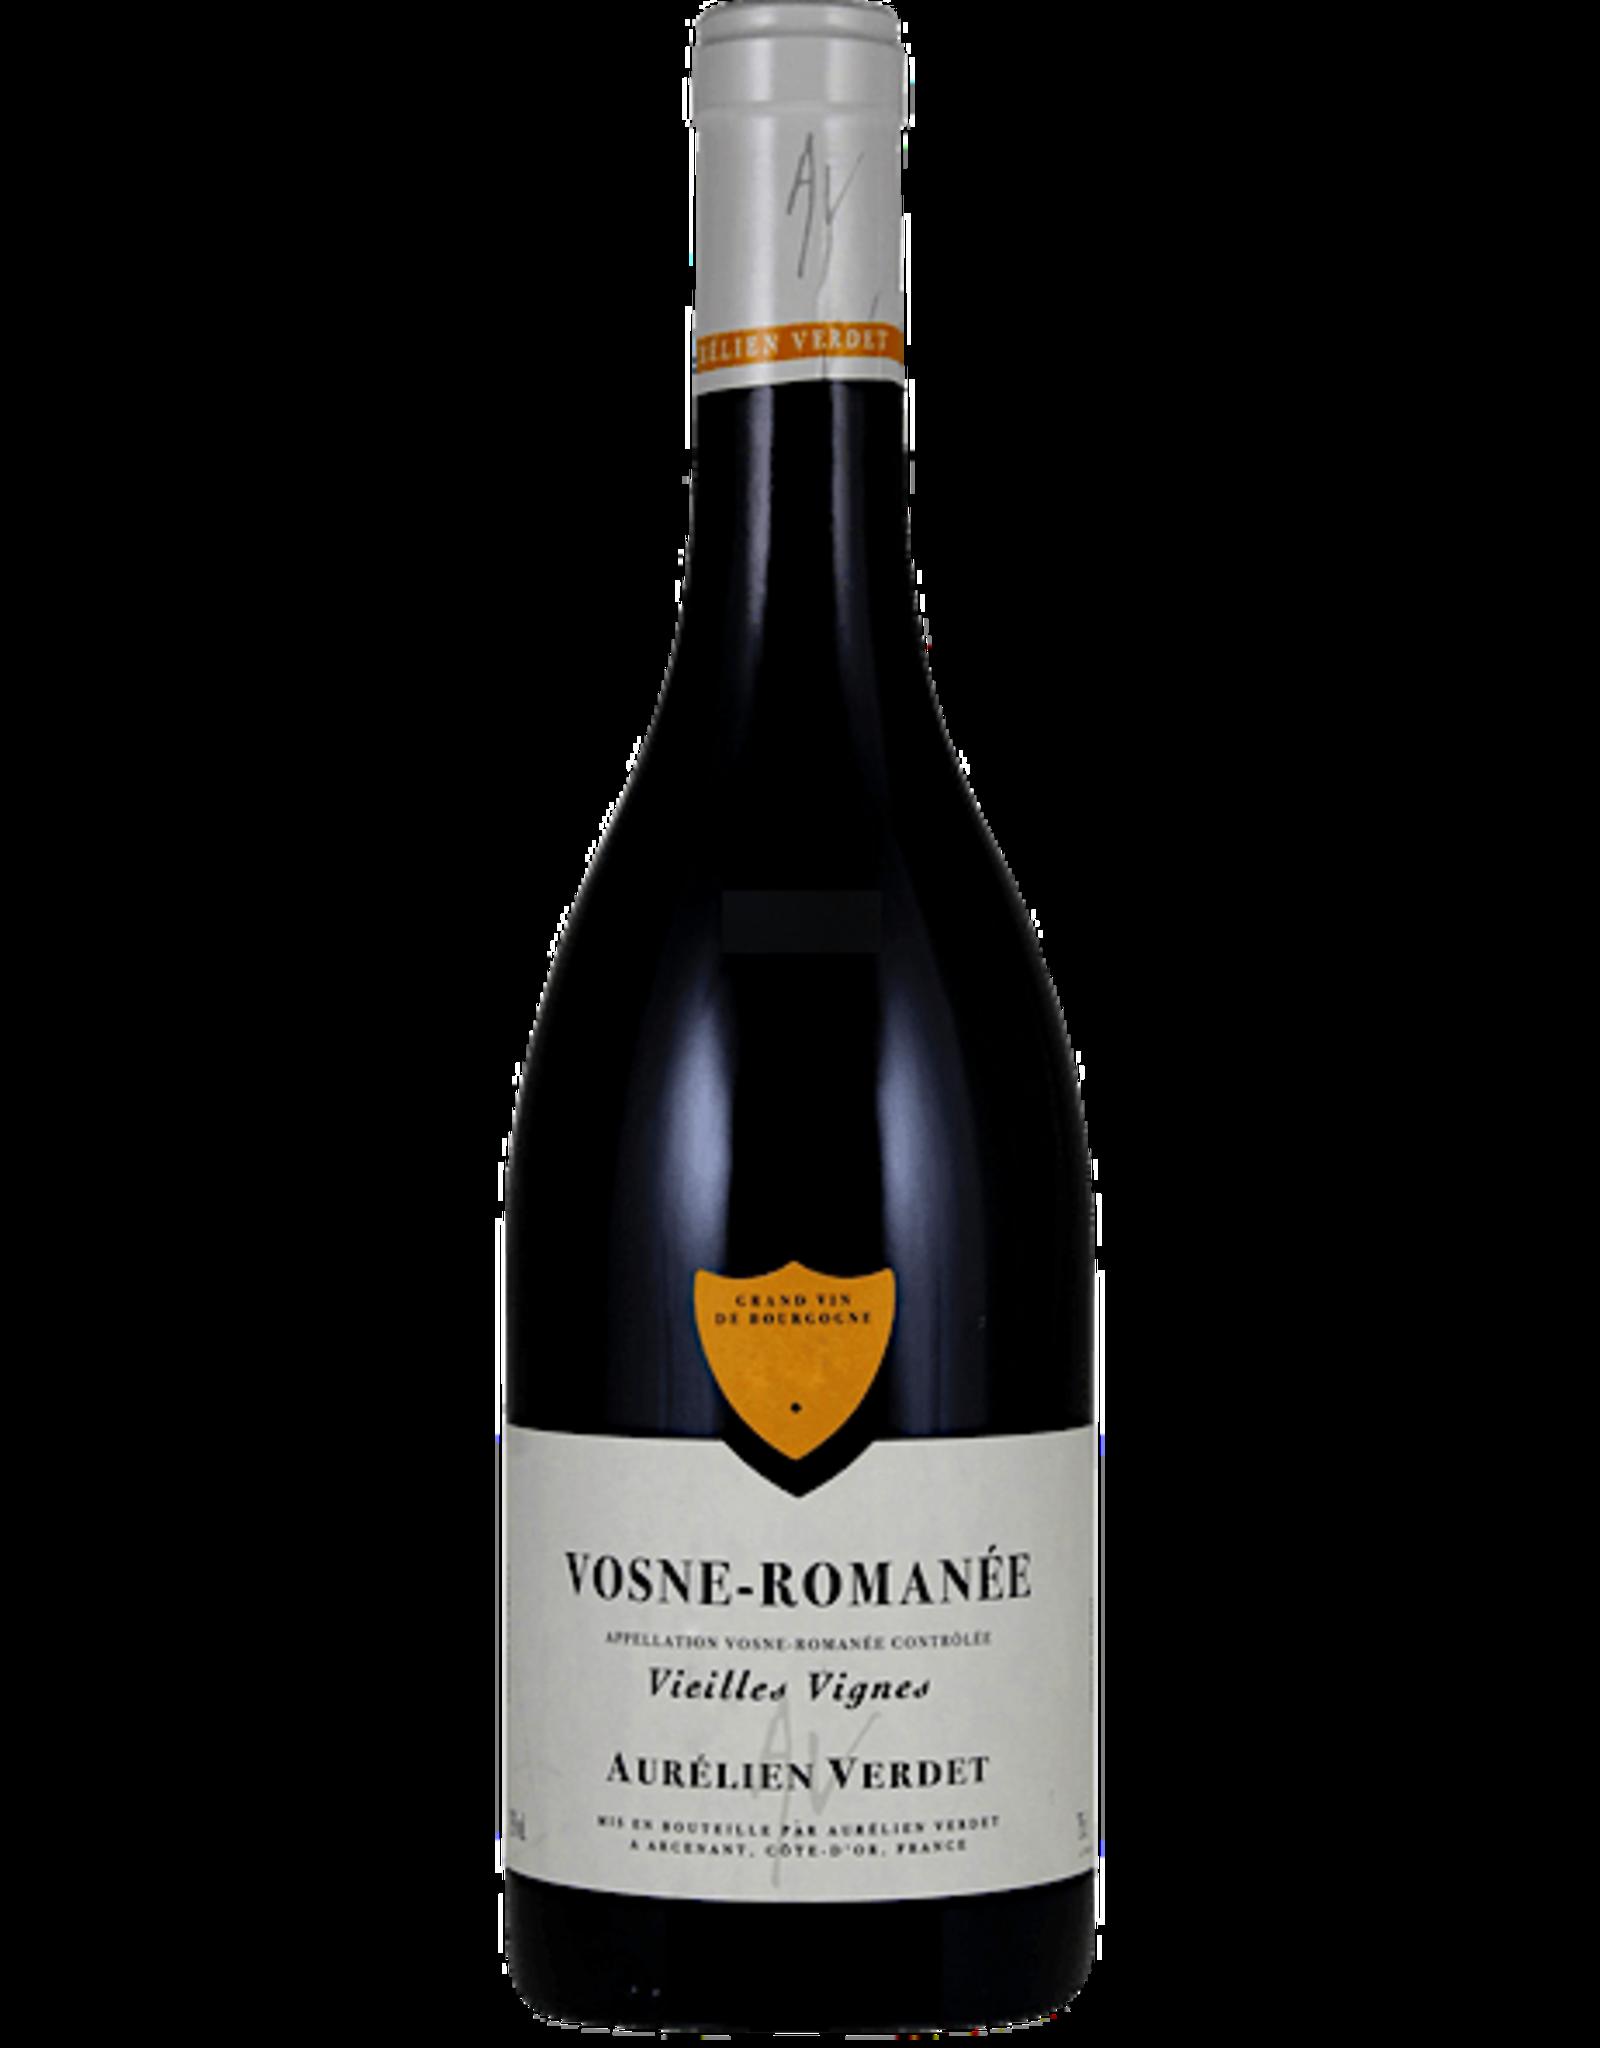 Red Wine 2016, Aurelien Verdet Vosne-Romanee, Pinot Noir, Cote de Beaune, Burgundy, France, 13% Alc, CT91 WS93